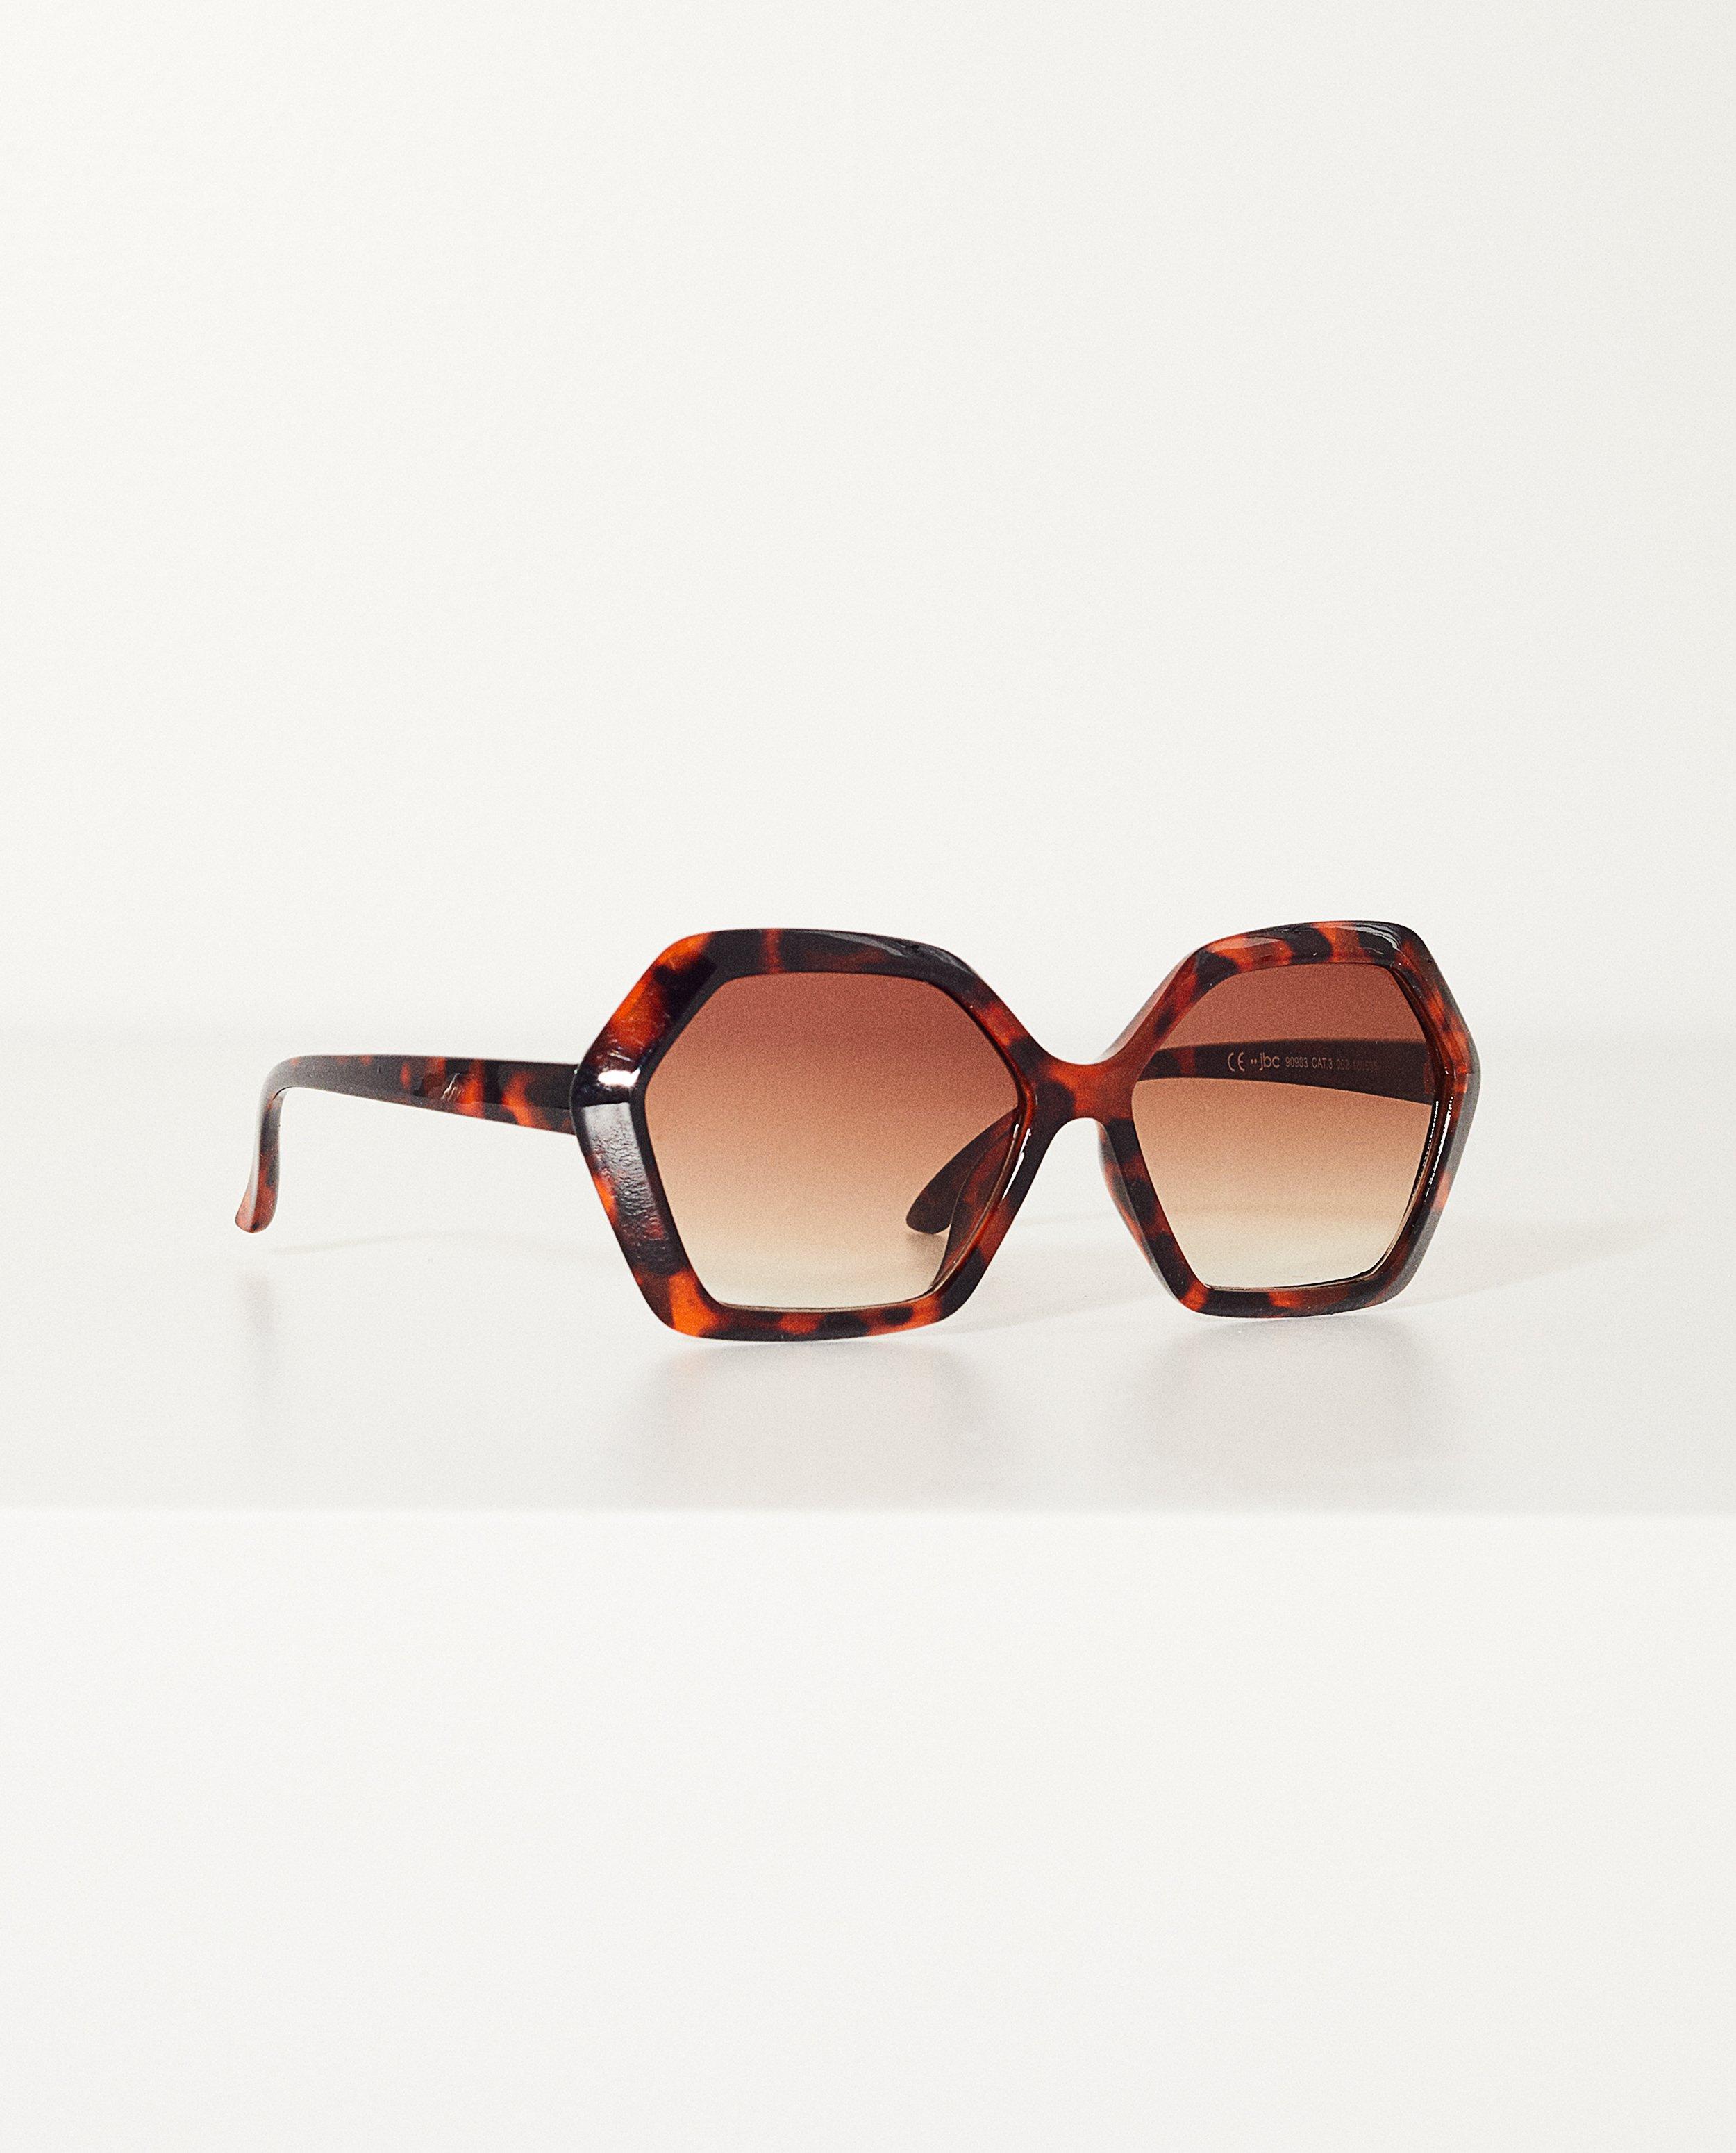 8342e0f468c2e0 Lunettes de soleil marron rétro En style tortoise